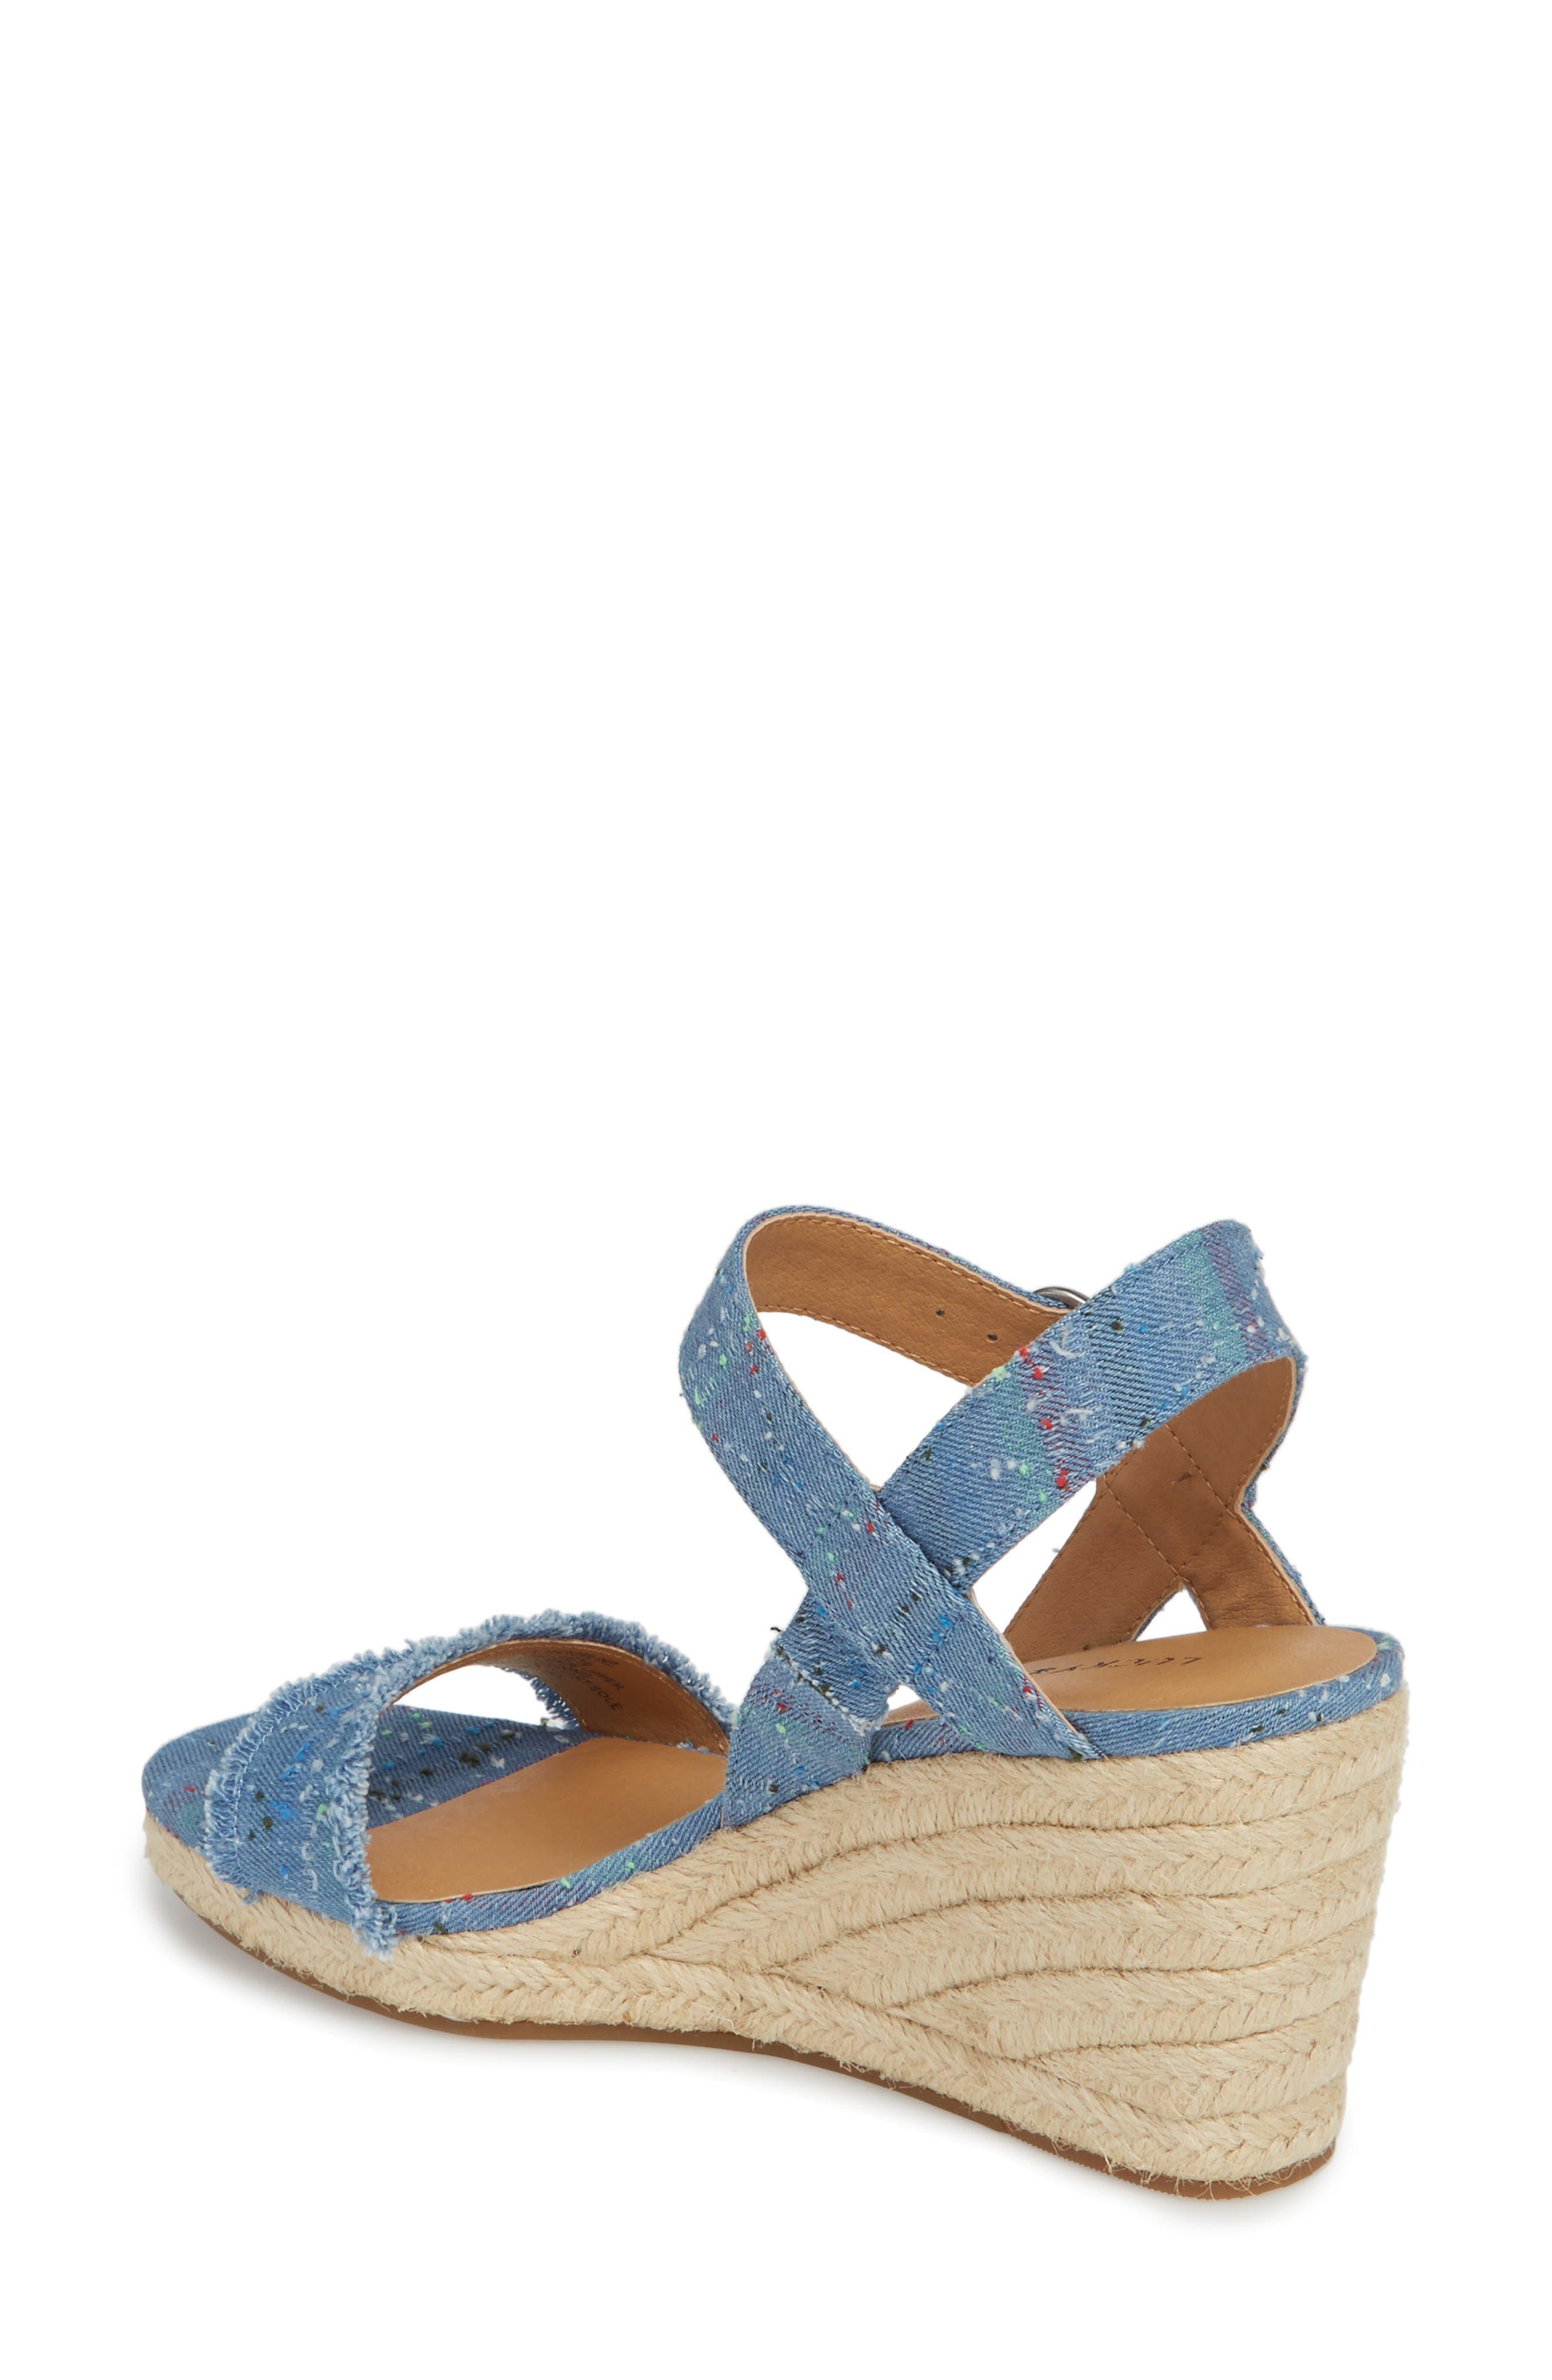 Marceline Squared Toe Wedge Sandal,                             Alternate thumbnail 12, color,